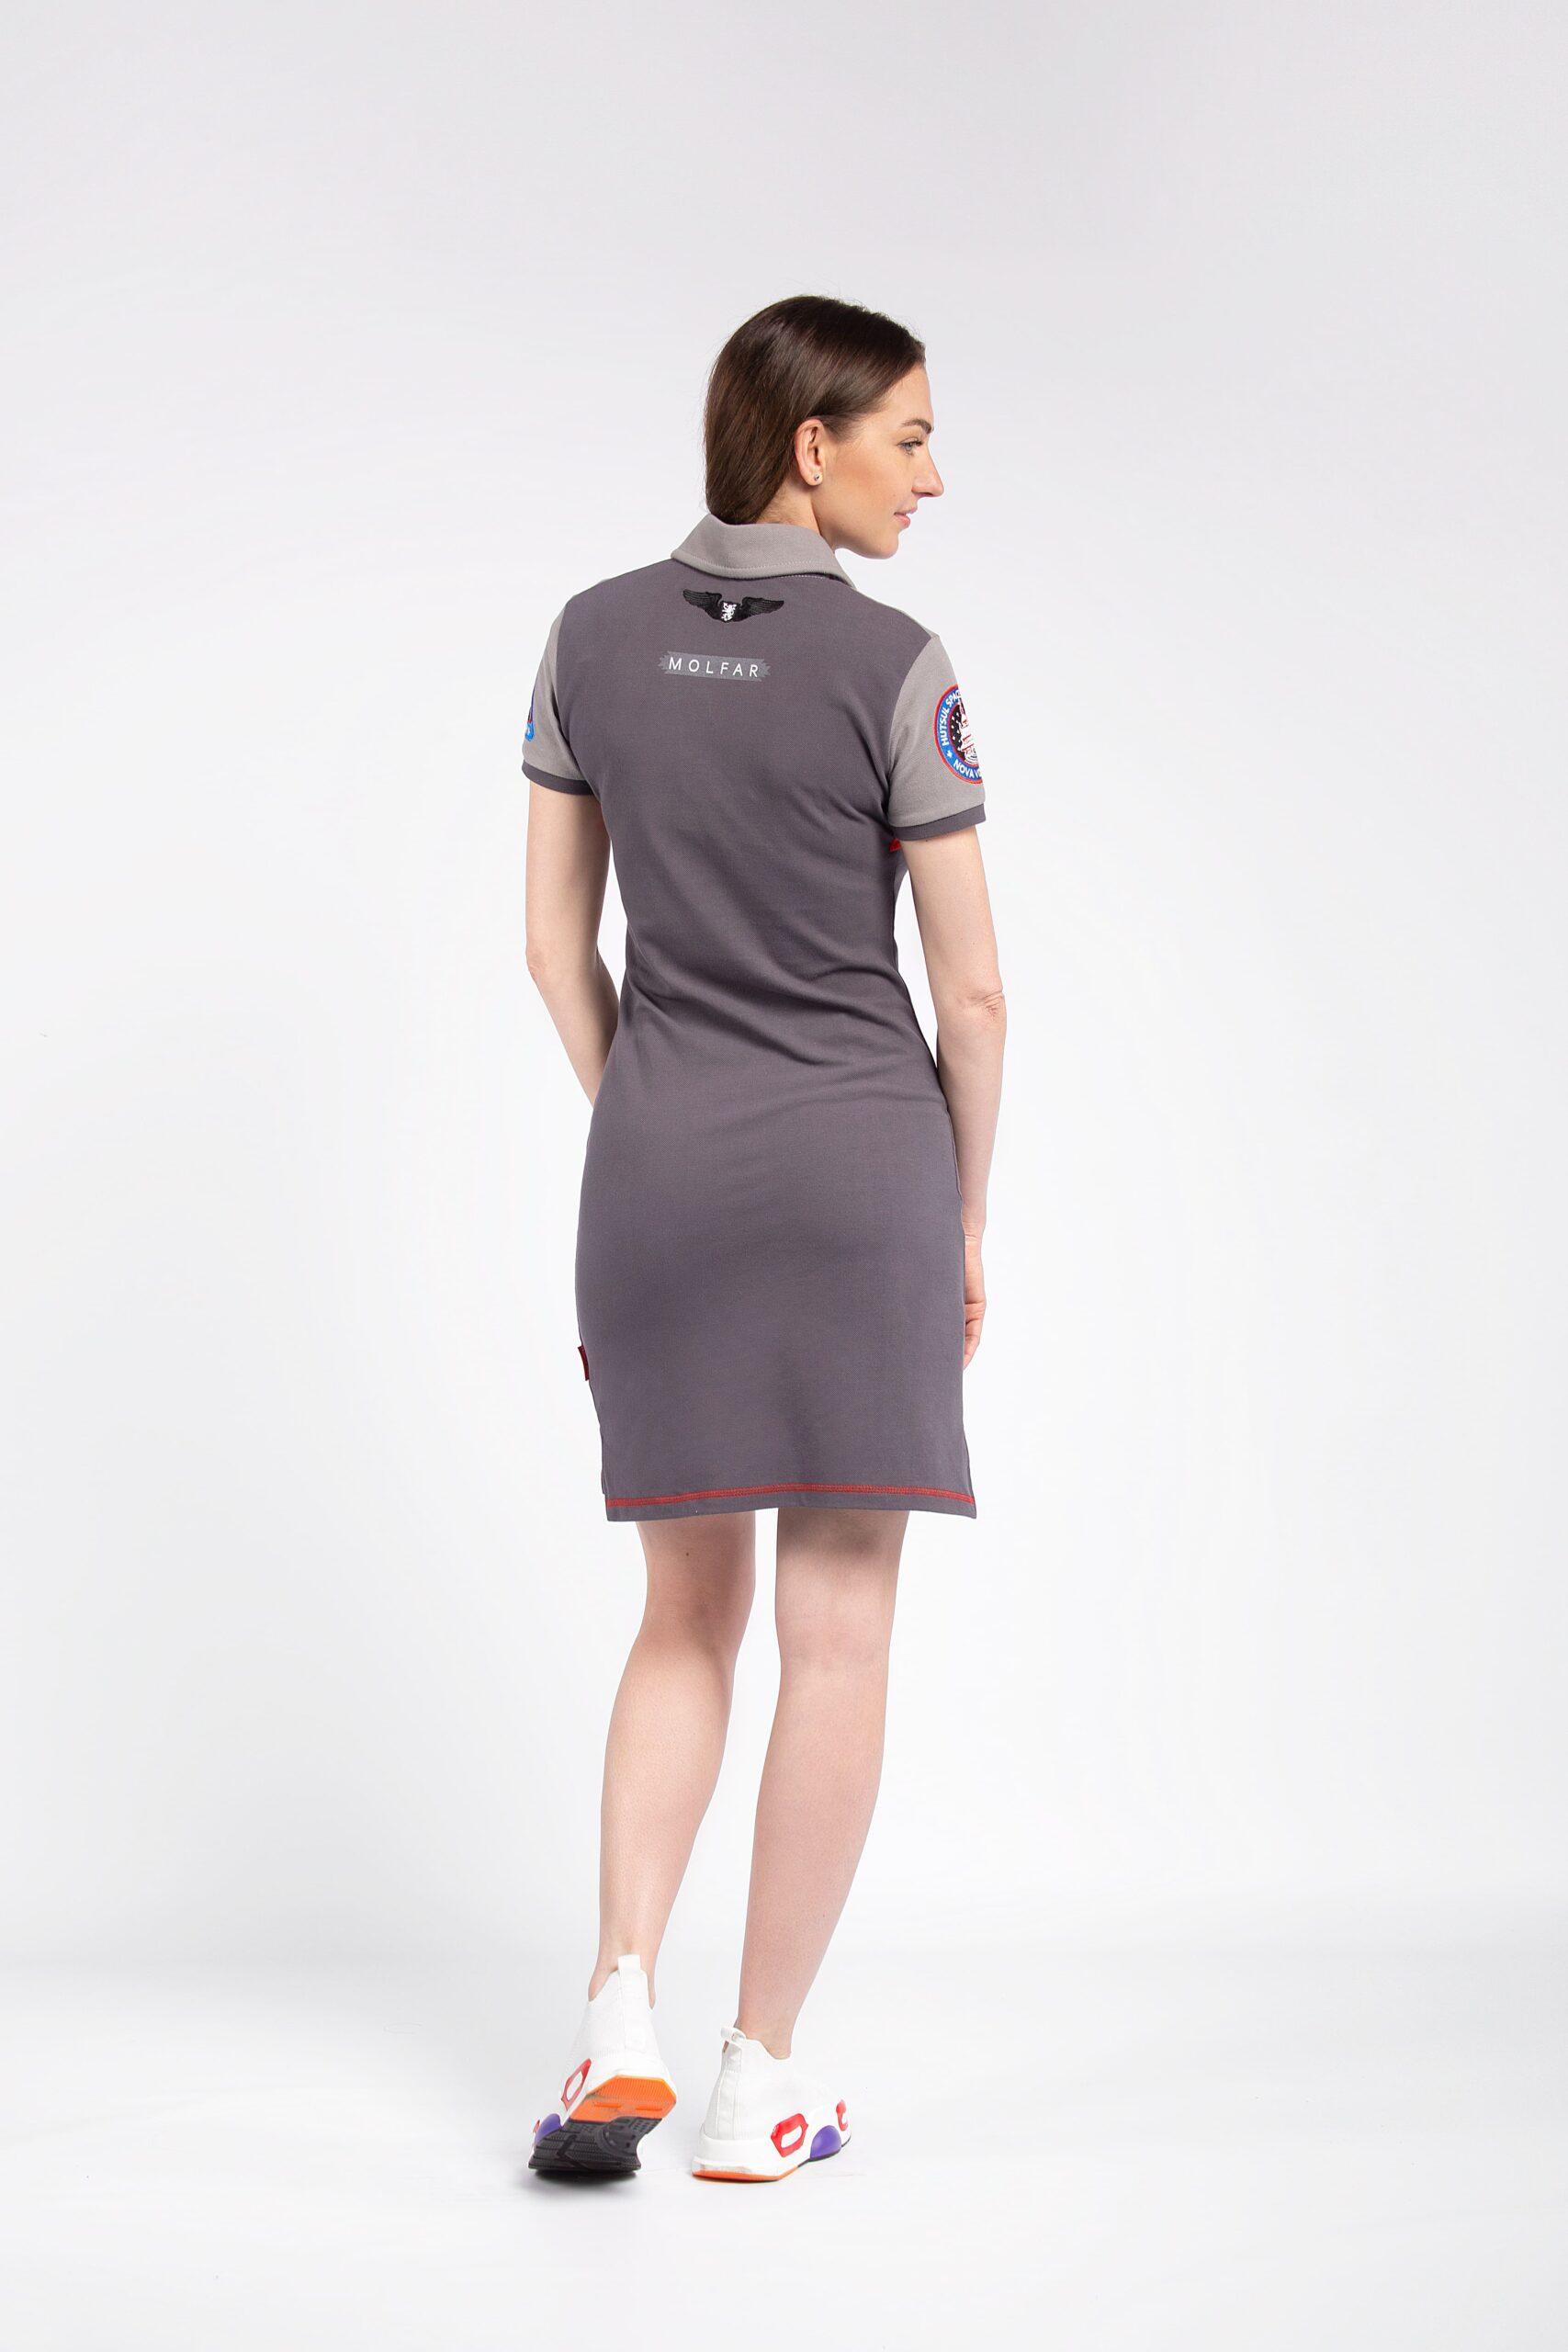 Жіноча Сукня-Поло Друга Експедиція Мольфарів. Колір темно-сірий.  Технологія нанесення зображень: вишивка, шовкодрук.